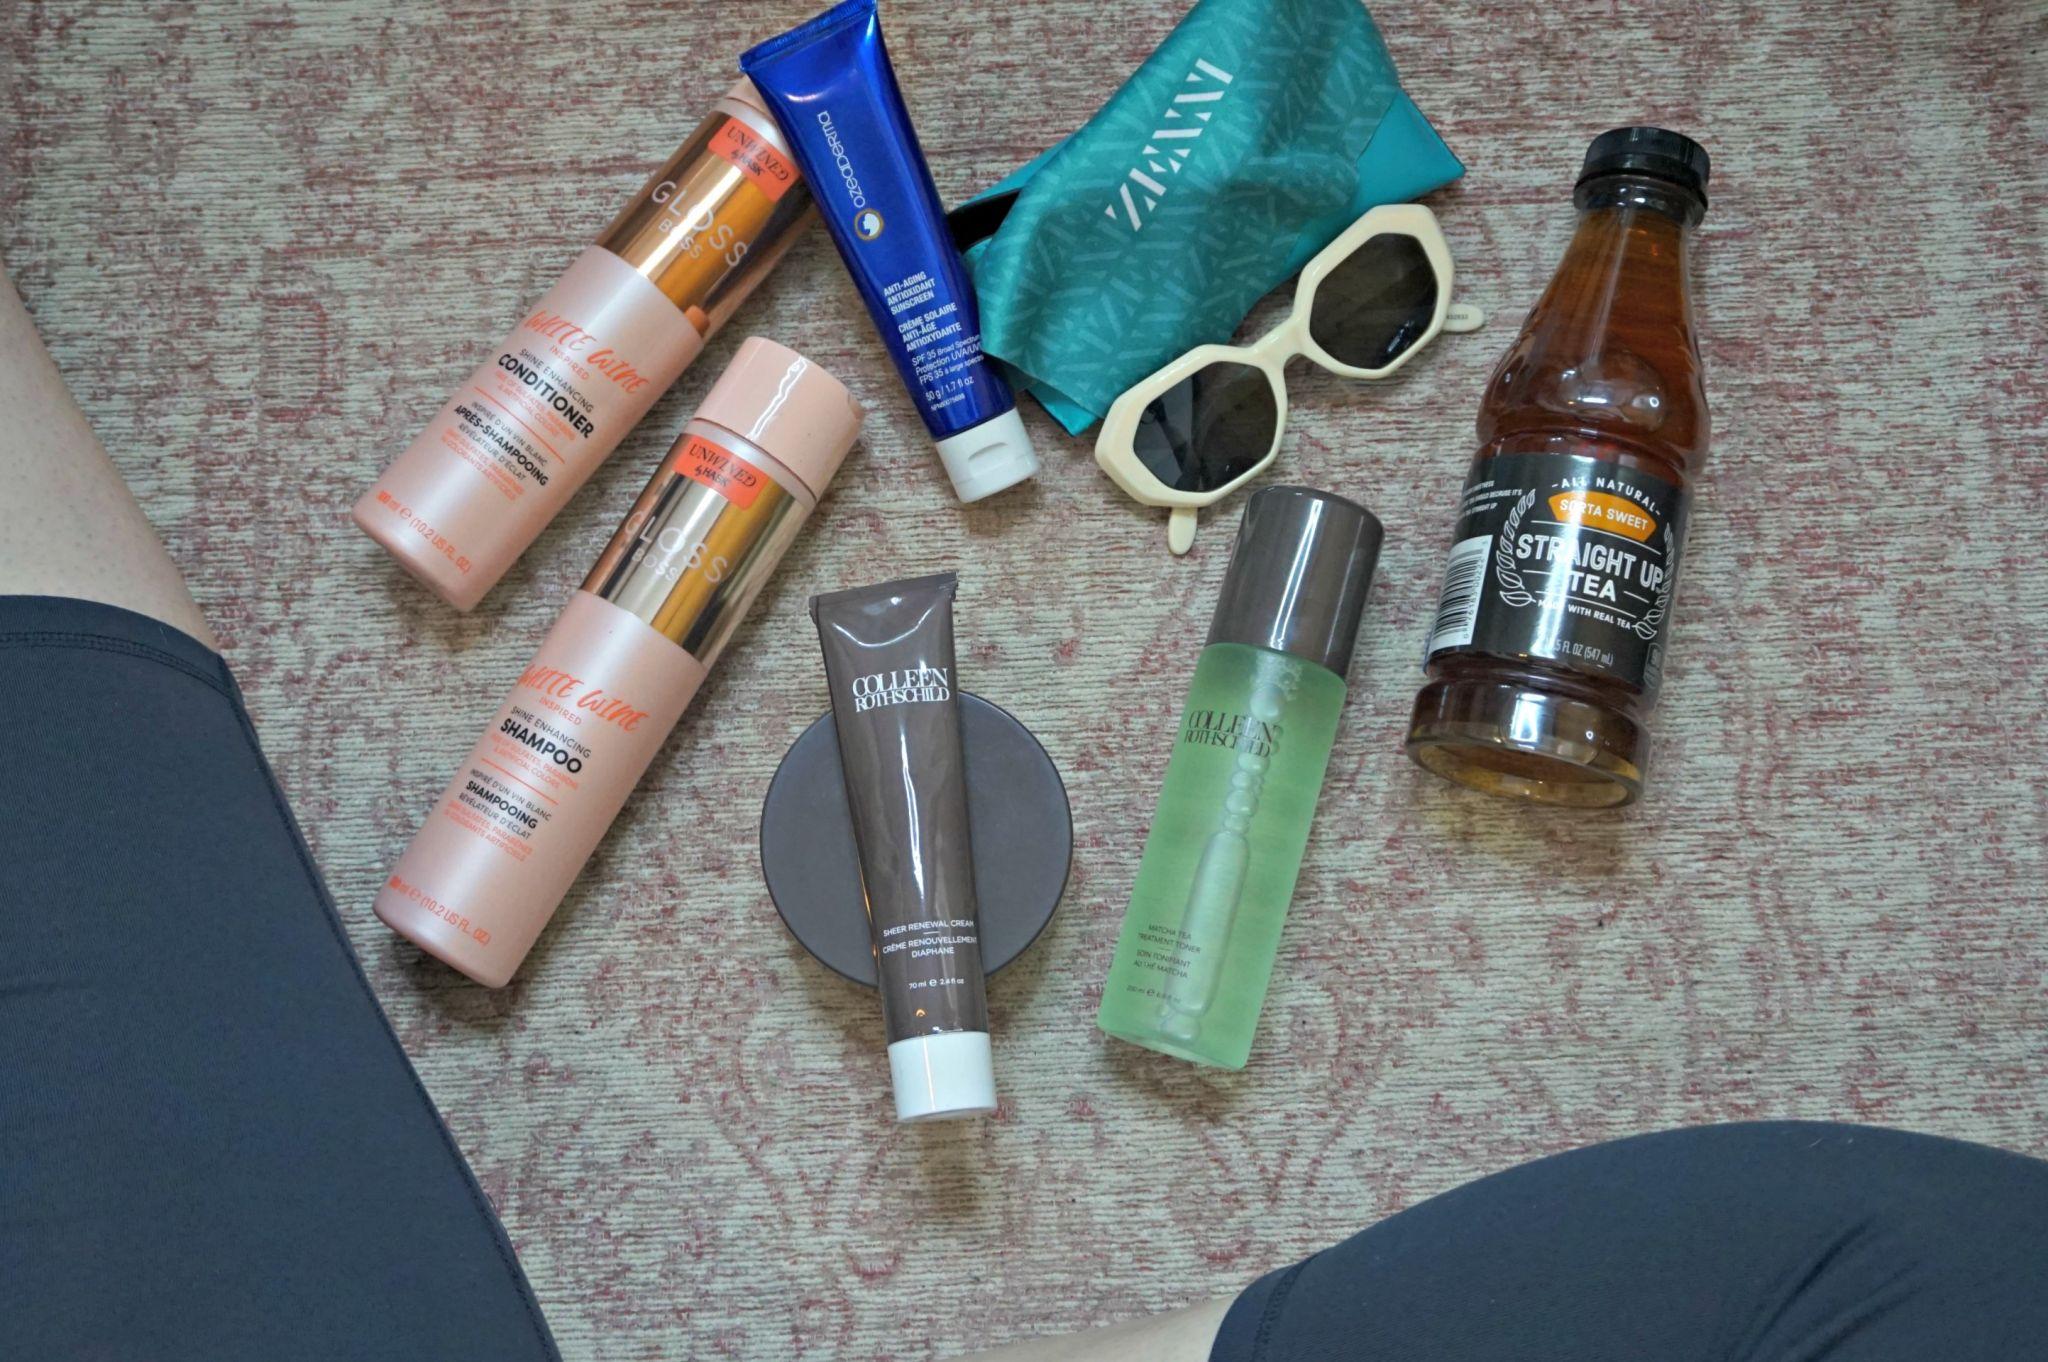 Summer Essentials // The Heat Is On // Travel Essentials // Skincare Essentials | Beauty With Lily #ad #HeatIsOnBBxx #justgotmyzennis #zennista CRothschild HASK Beauty